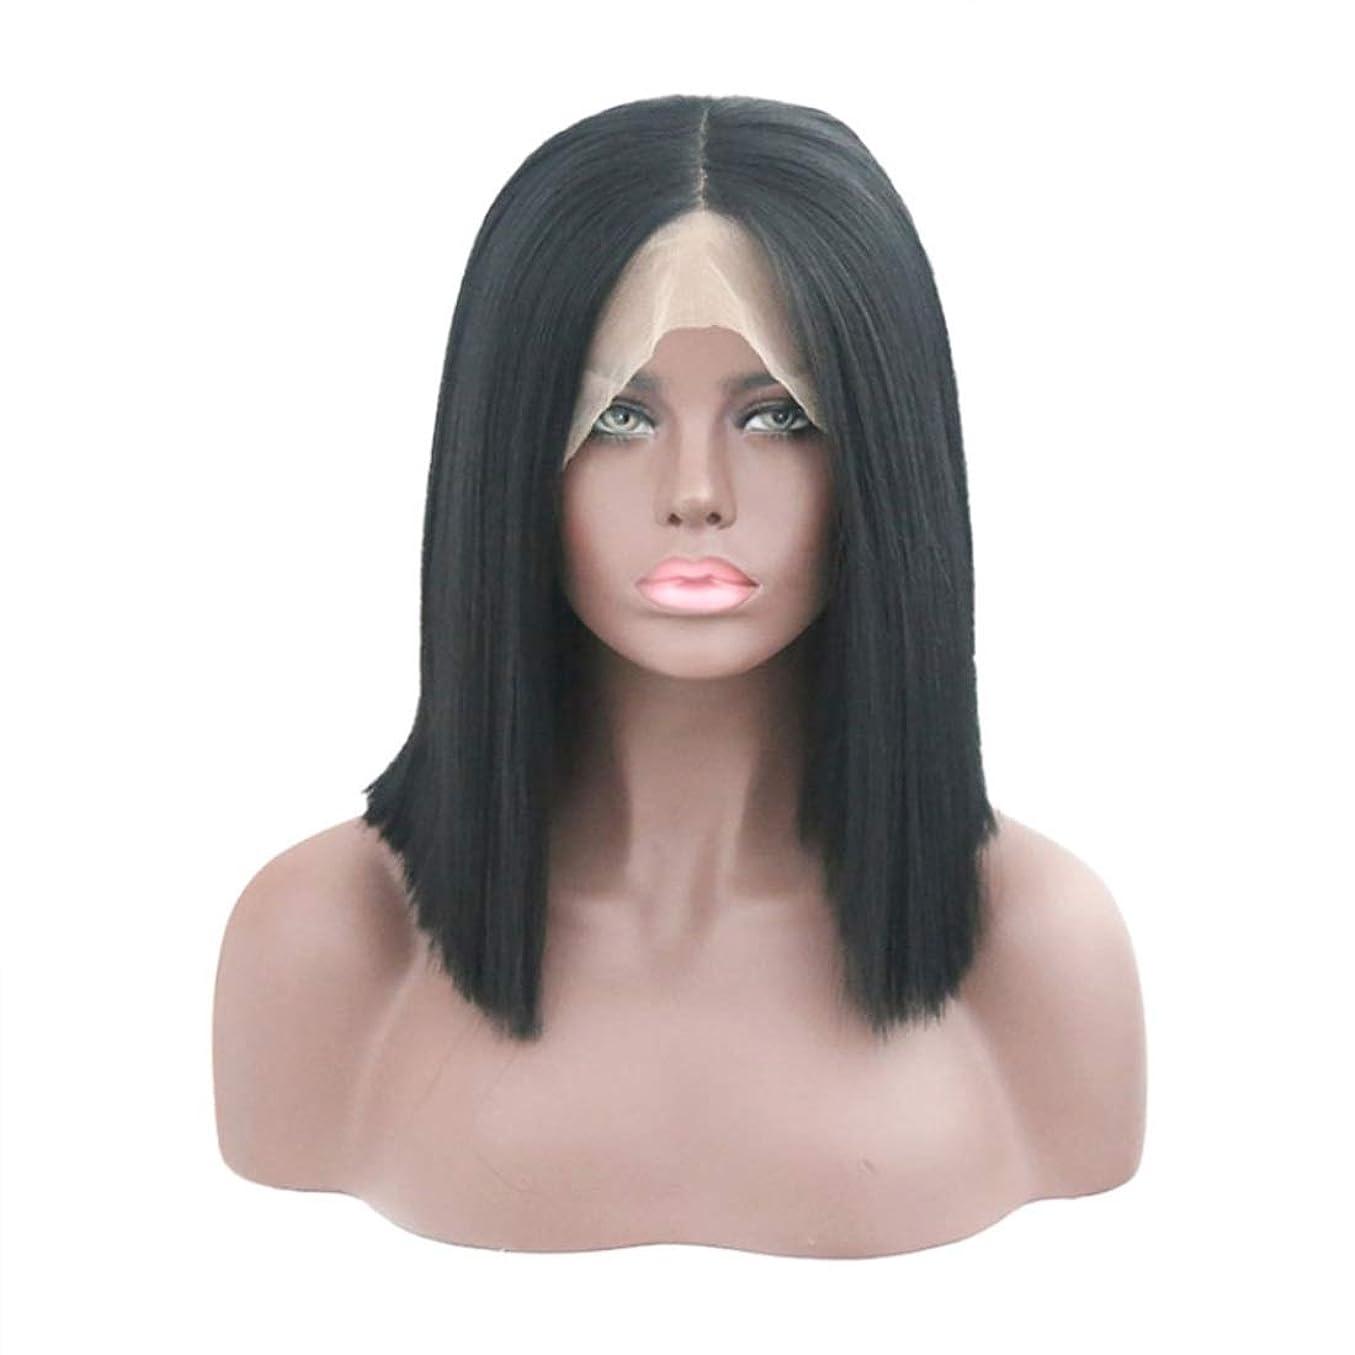 メッセンジャー王朝前にKoloeplf ボブヘアかつら本物の髪として自然な女性のためのストレート合成ブラックウィッグ